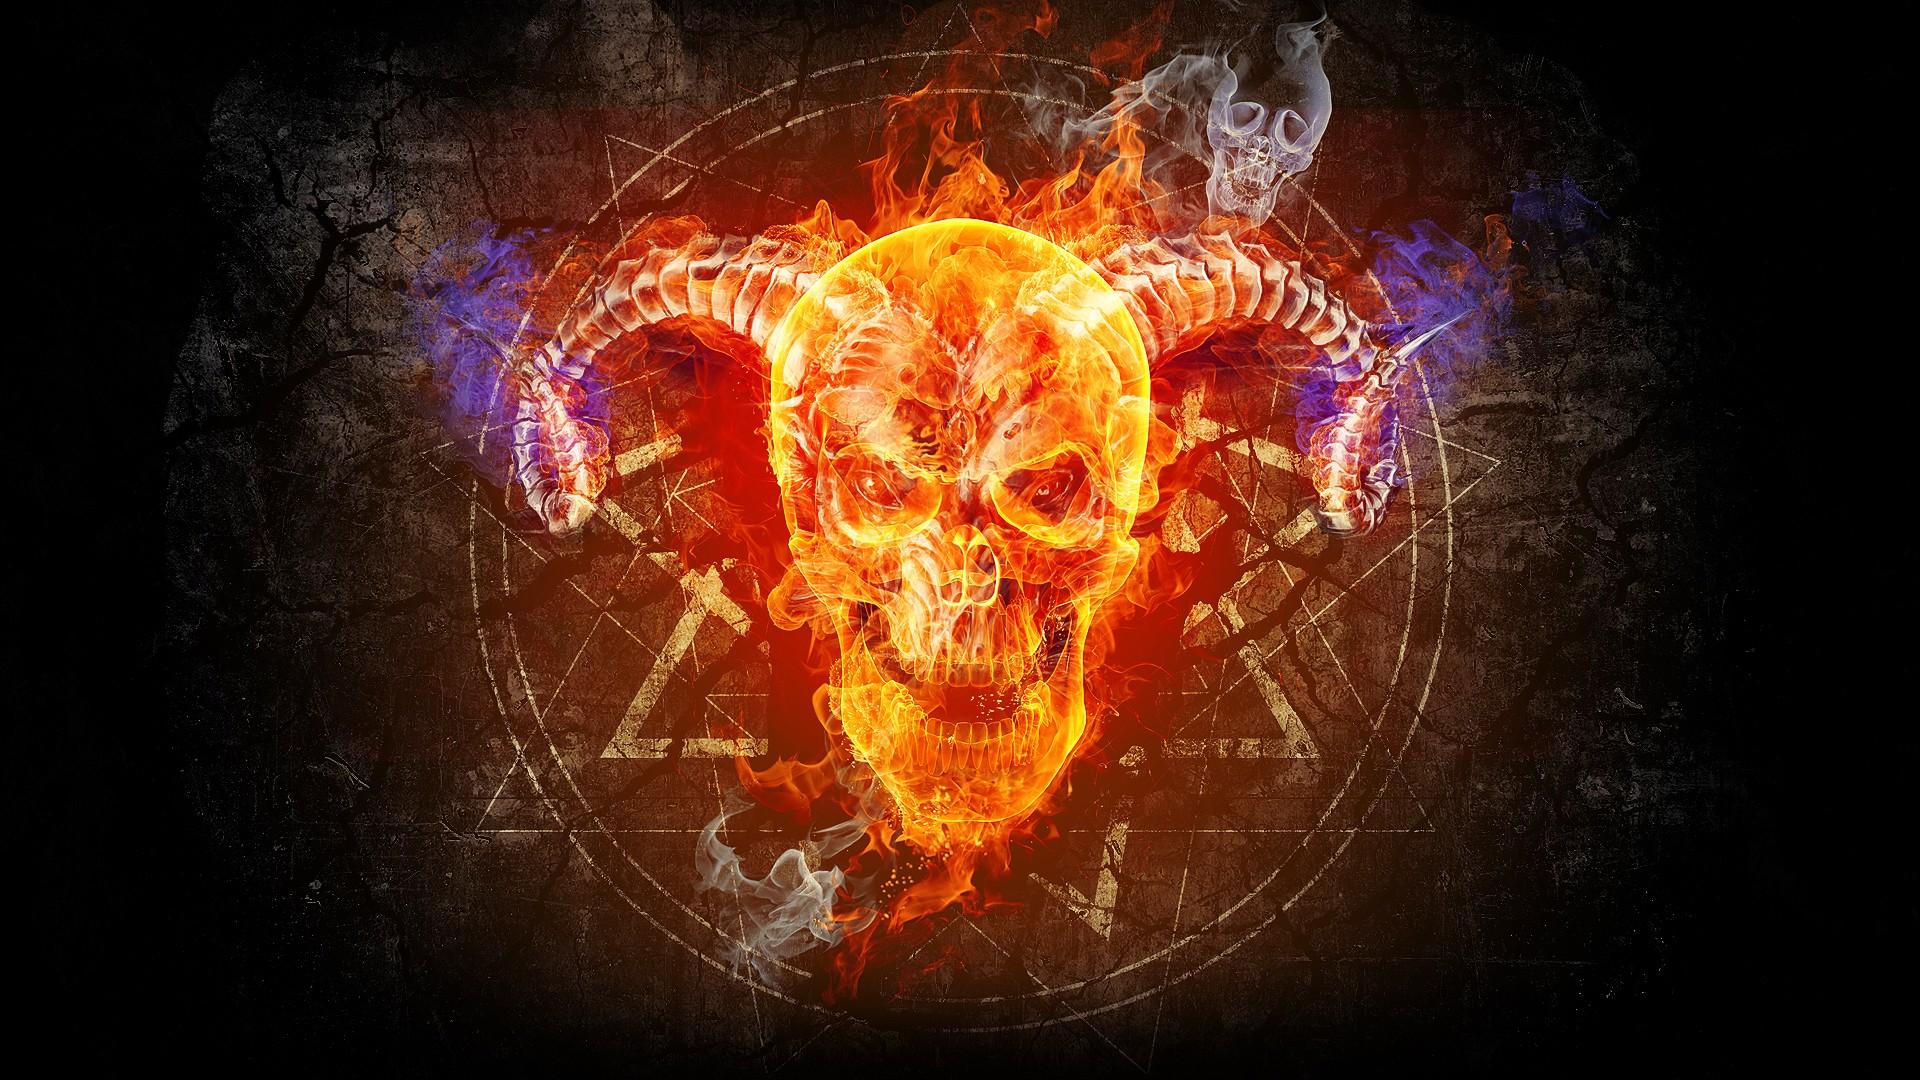 Fire Skull wallpaper   933875 1920x1080